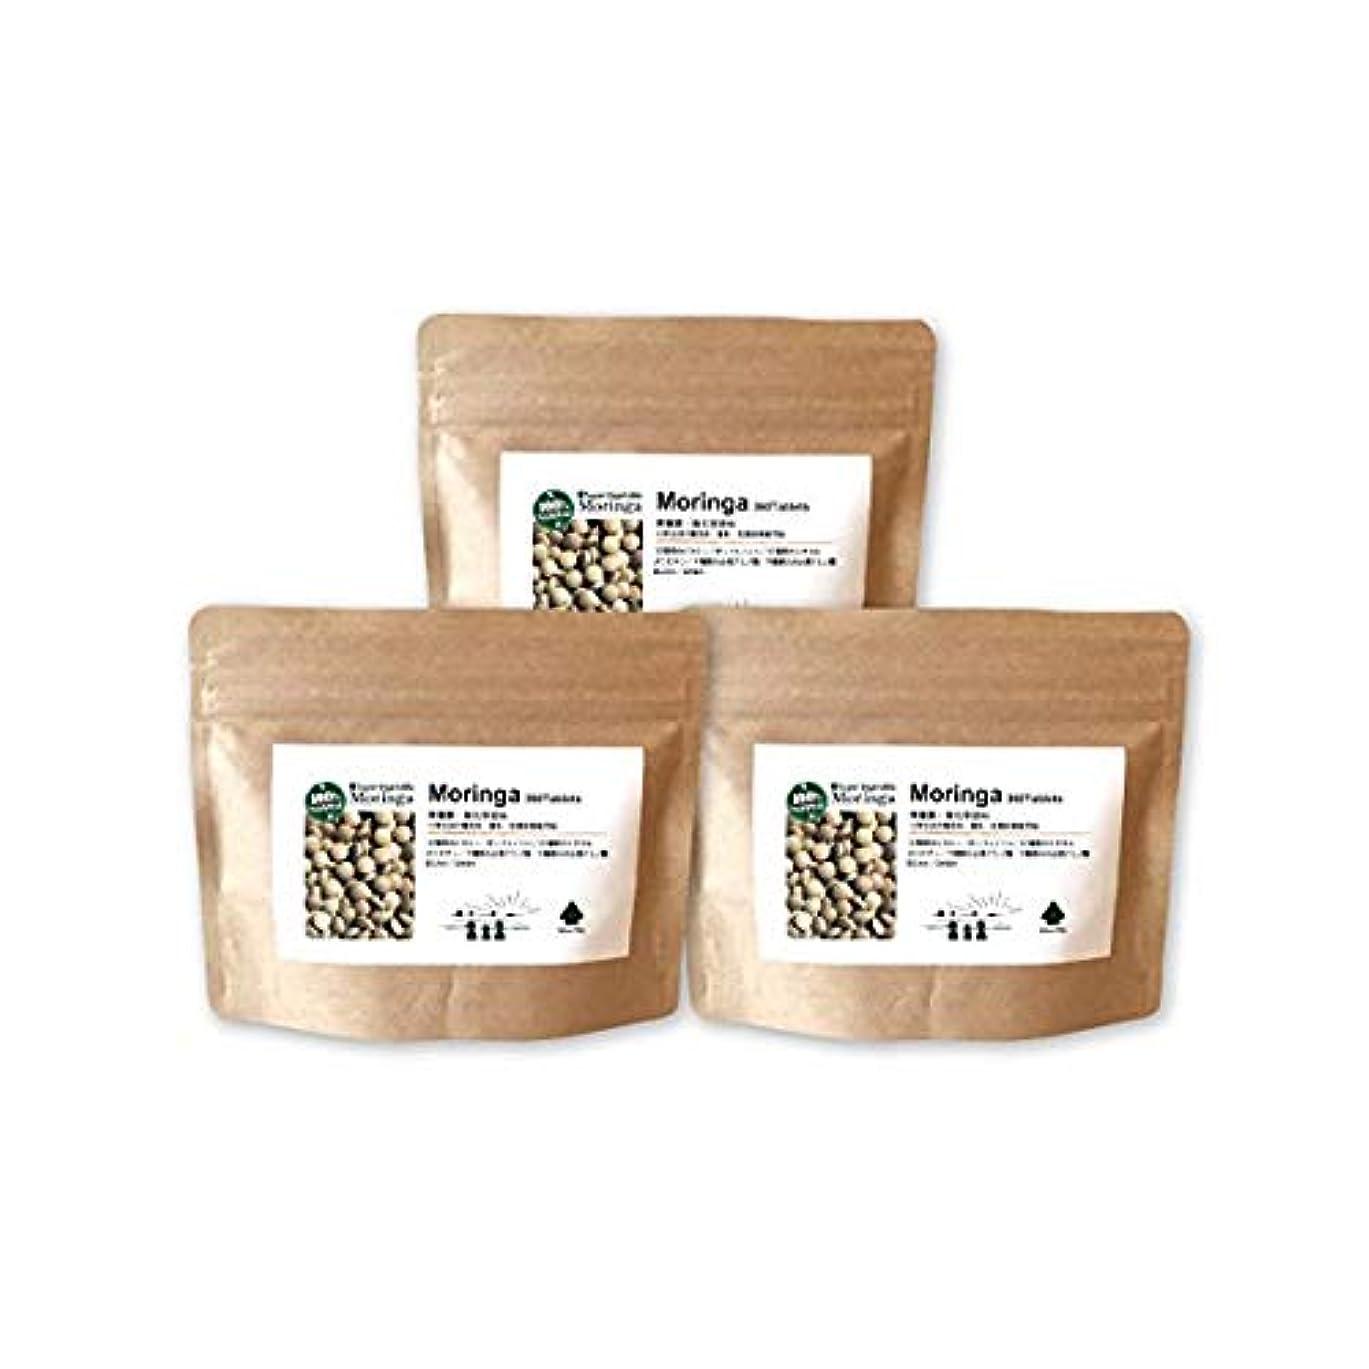 読む第四ワットモリンガ粒(3個セット) 沖縄産の無農薬?無化学肥料栽培モリンガ葉使用